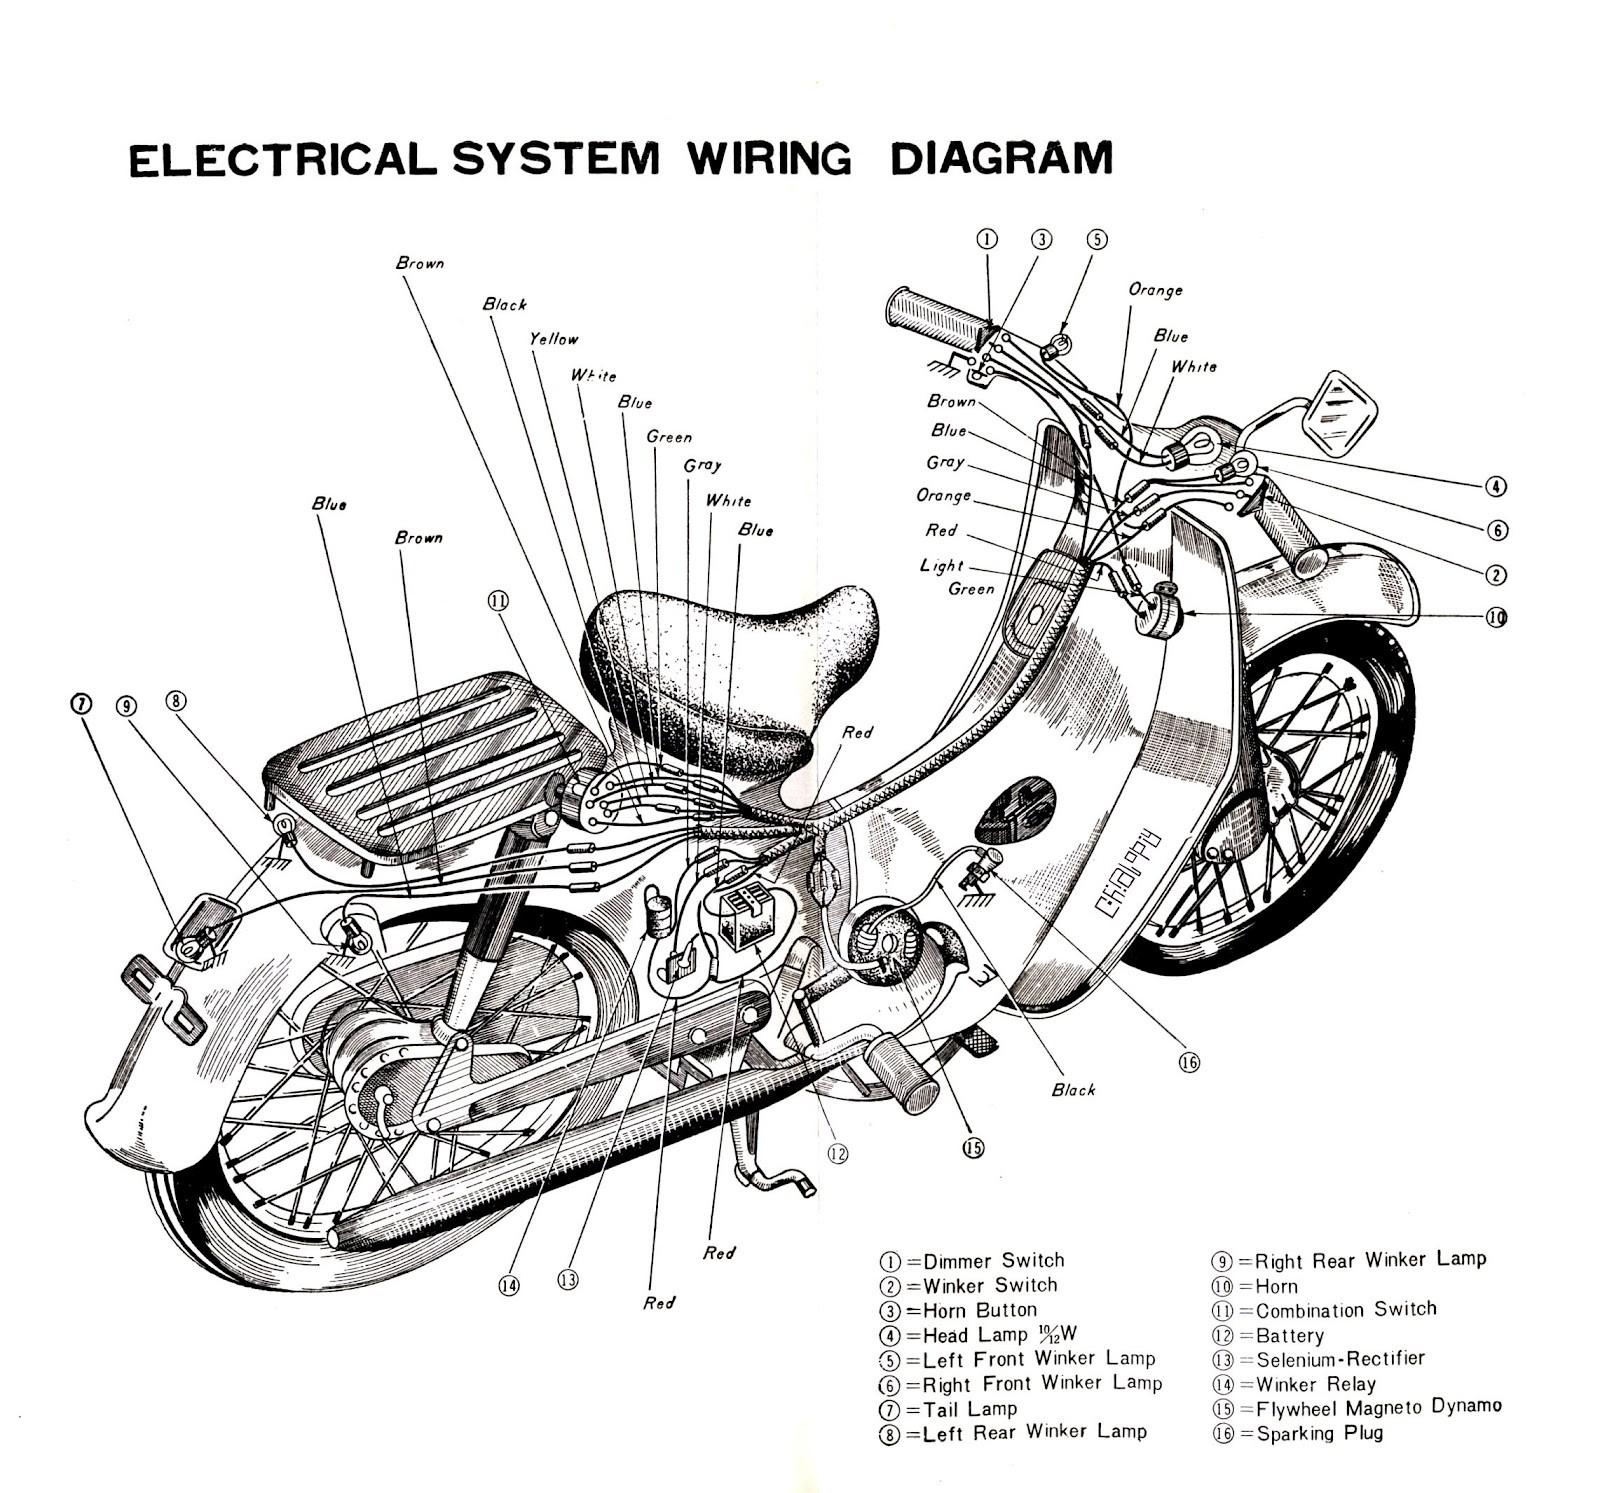 honda c70 engine diagram honda c70 engine diagram super club honda c70 wiring diagram honda c70 engine diagram honda c70 engine diagram super club electric wiring diagram